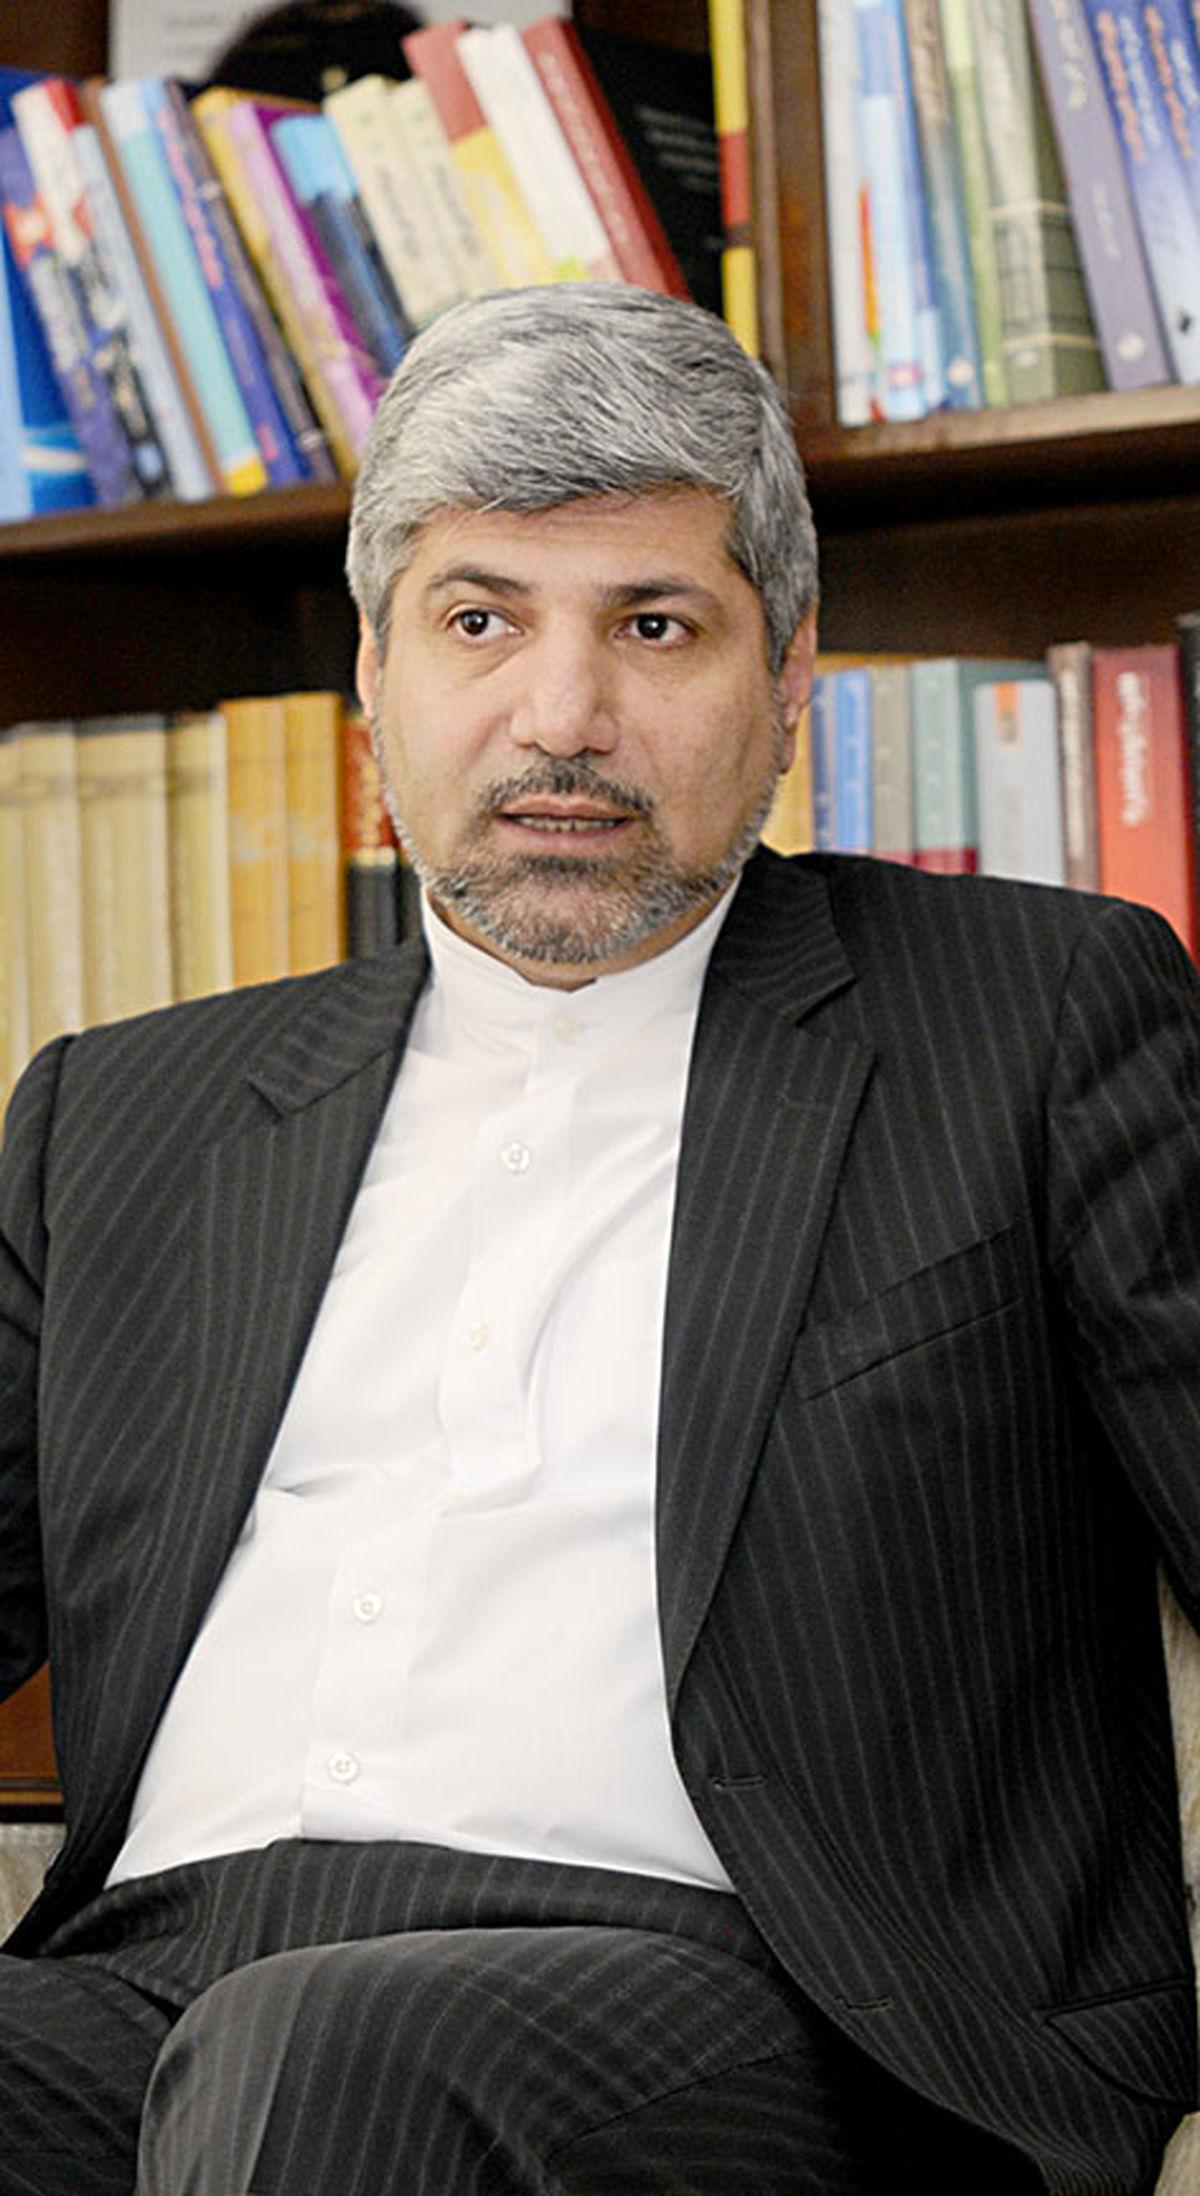 طرح بحث هولوکاست از سوی احمدینژاد هیچ نفعی برای ایران نداشت